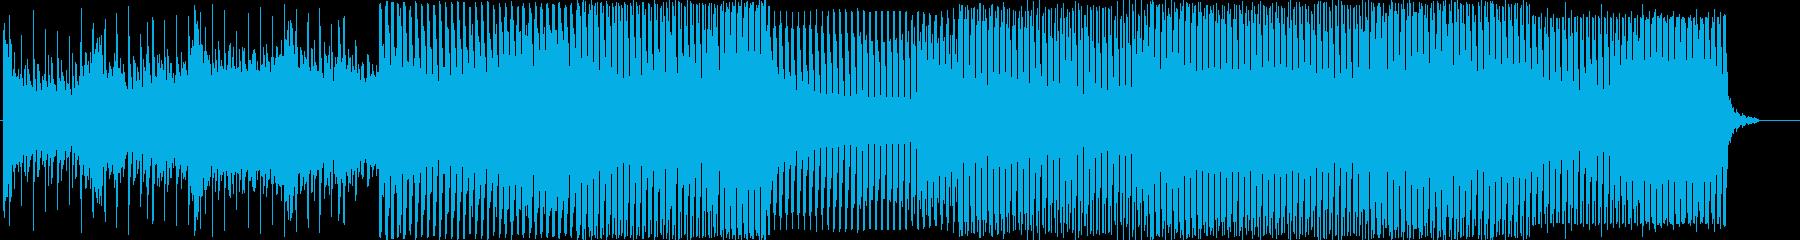 メロディック、燃えるような、エネルギーの再生済みの波形